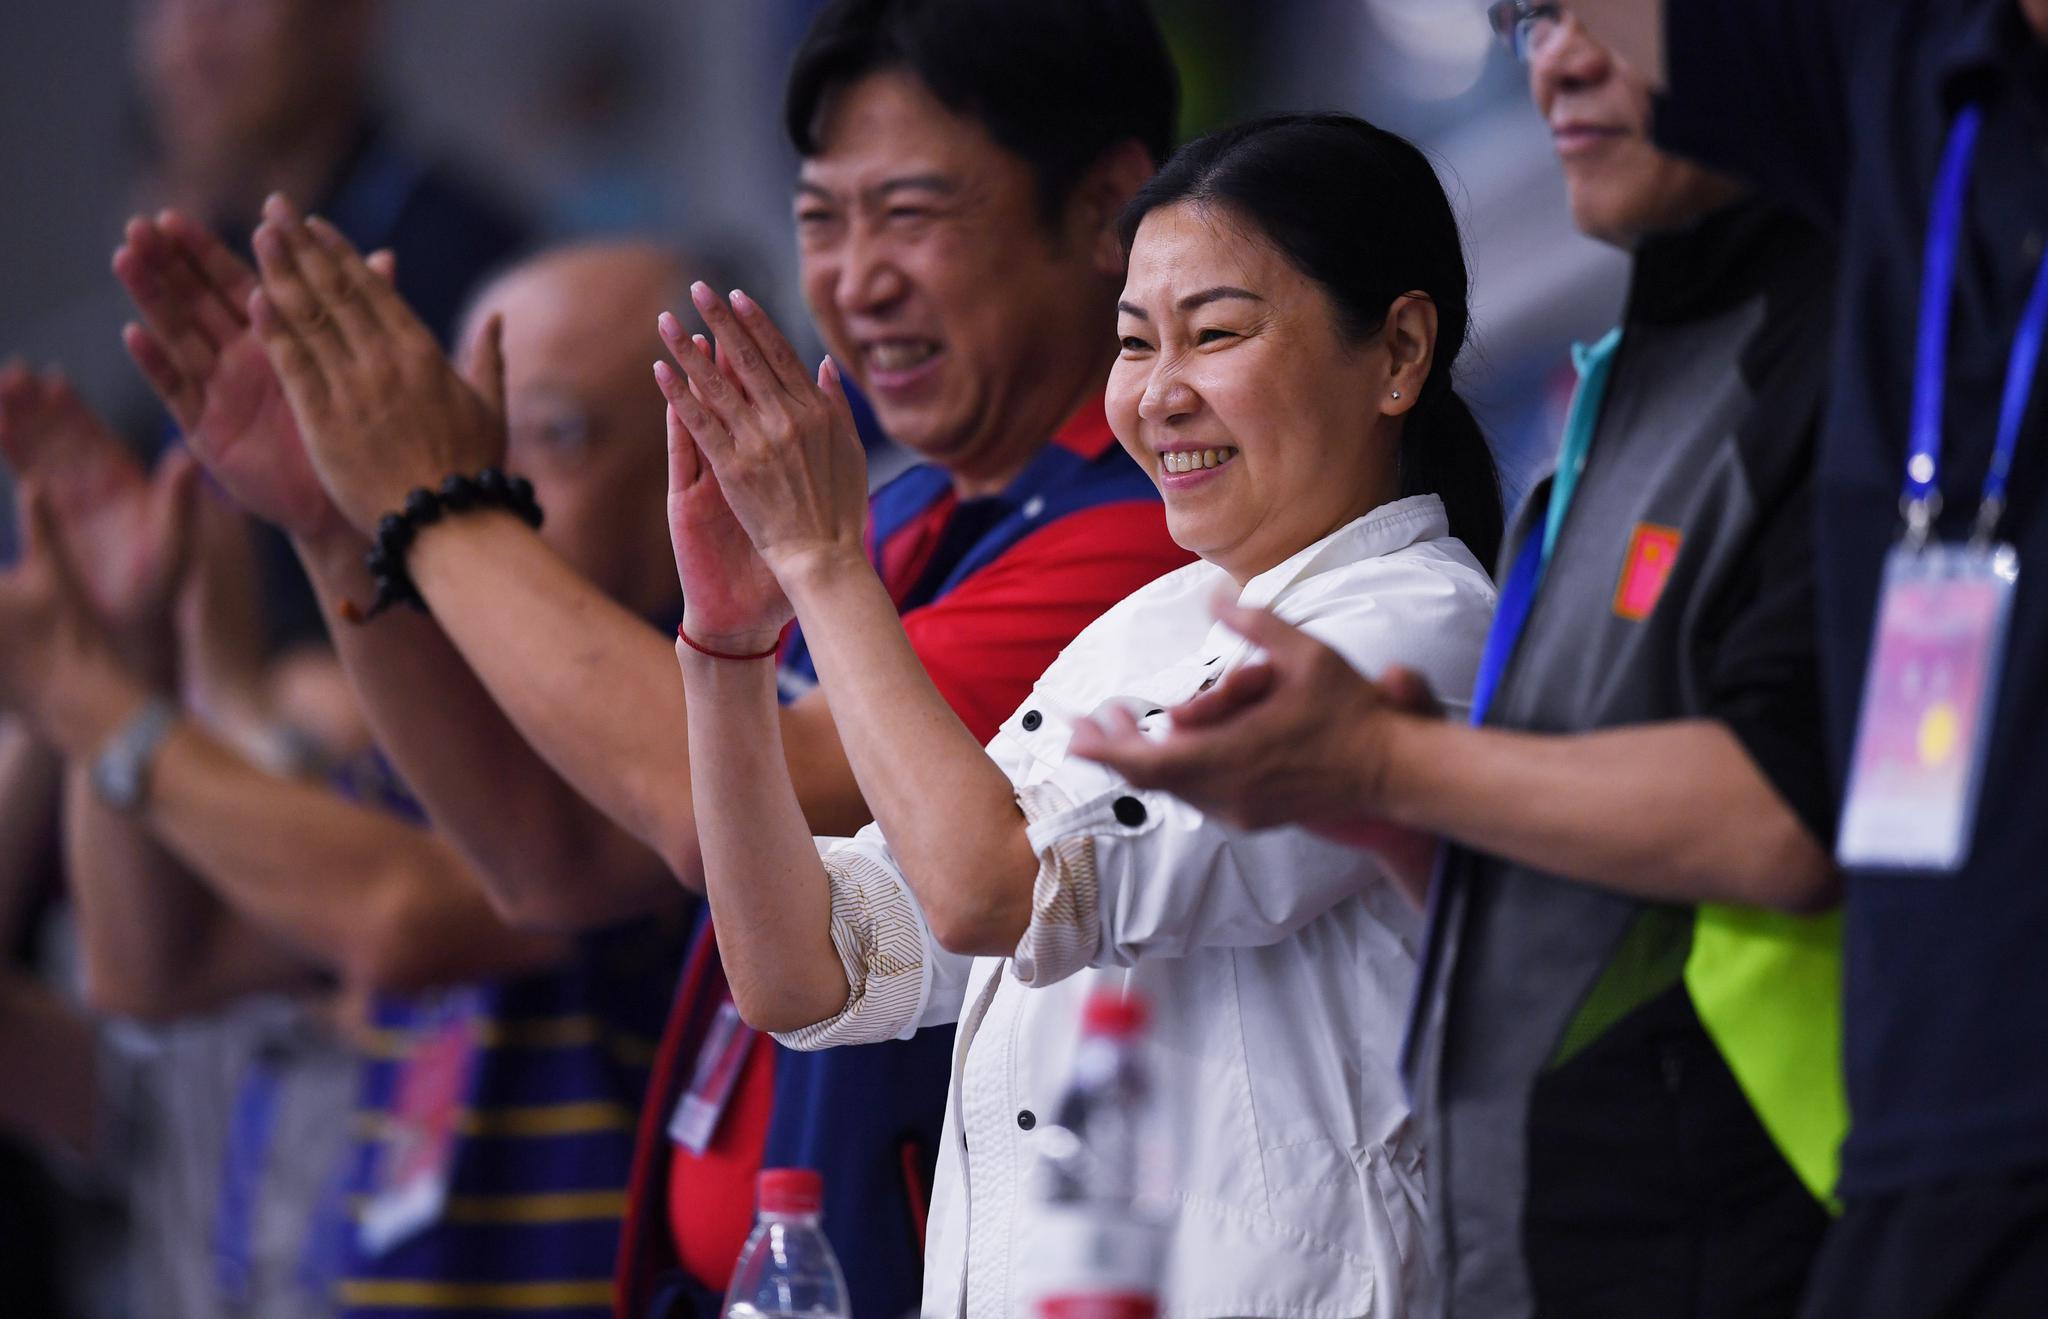 周继红成为国际泳联首位女性副主席